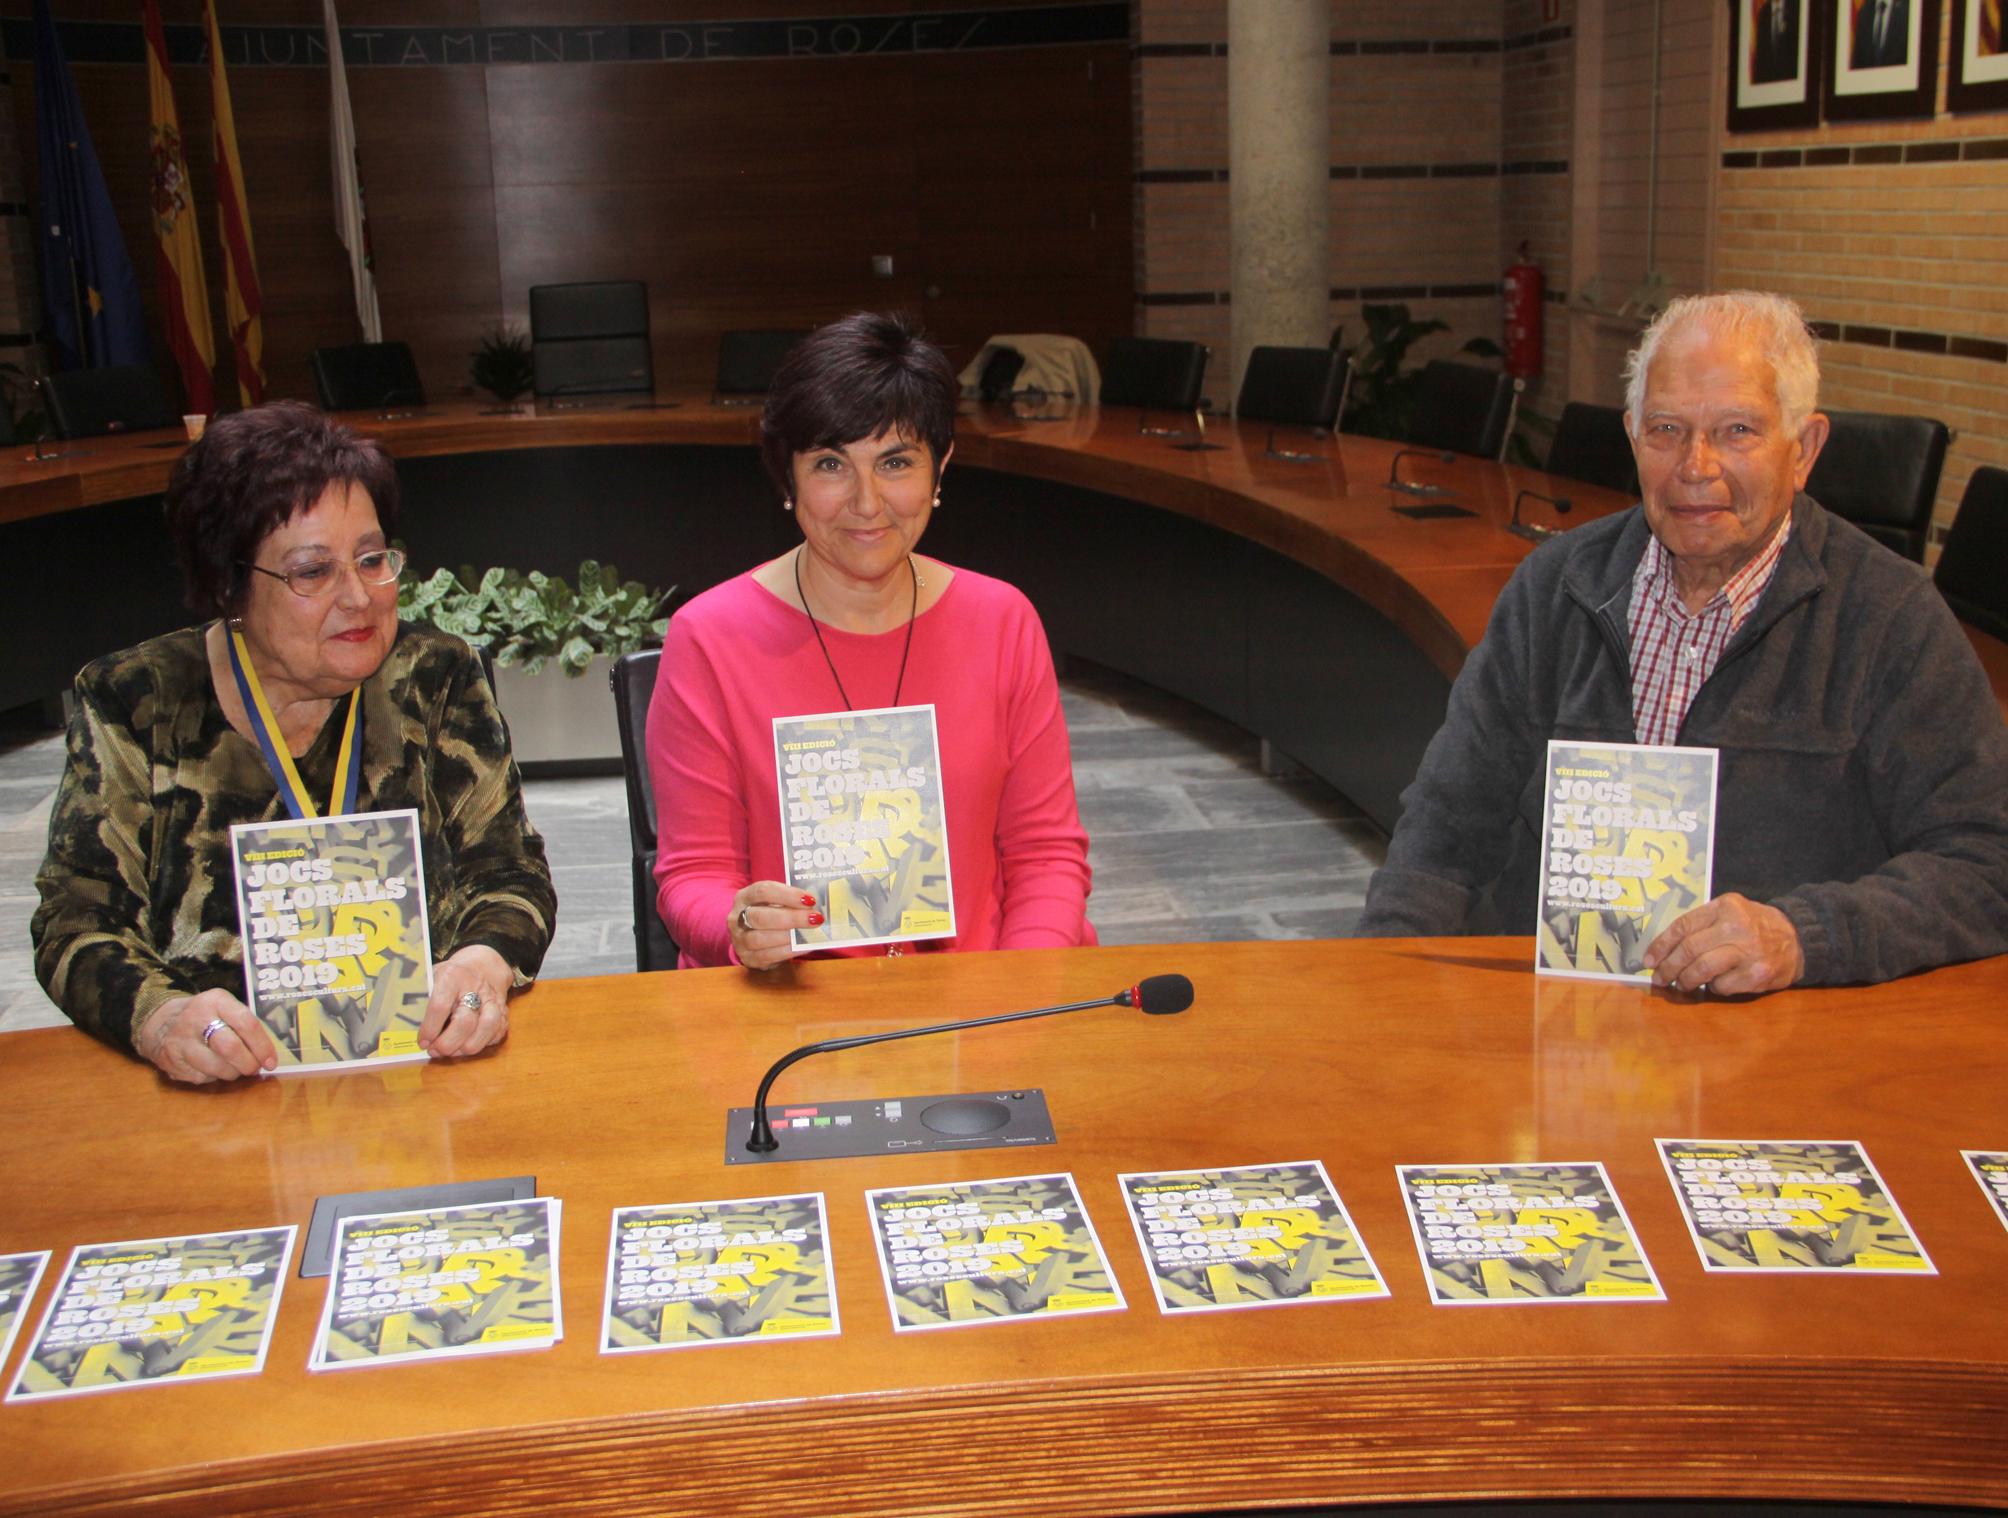 VIII edició dels Jocs Florals dedicats a la vila de Roses